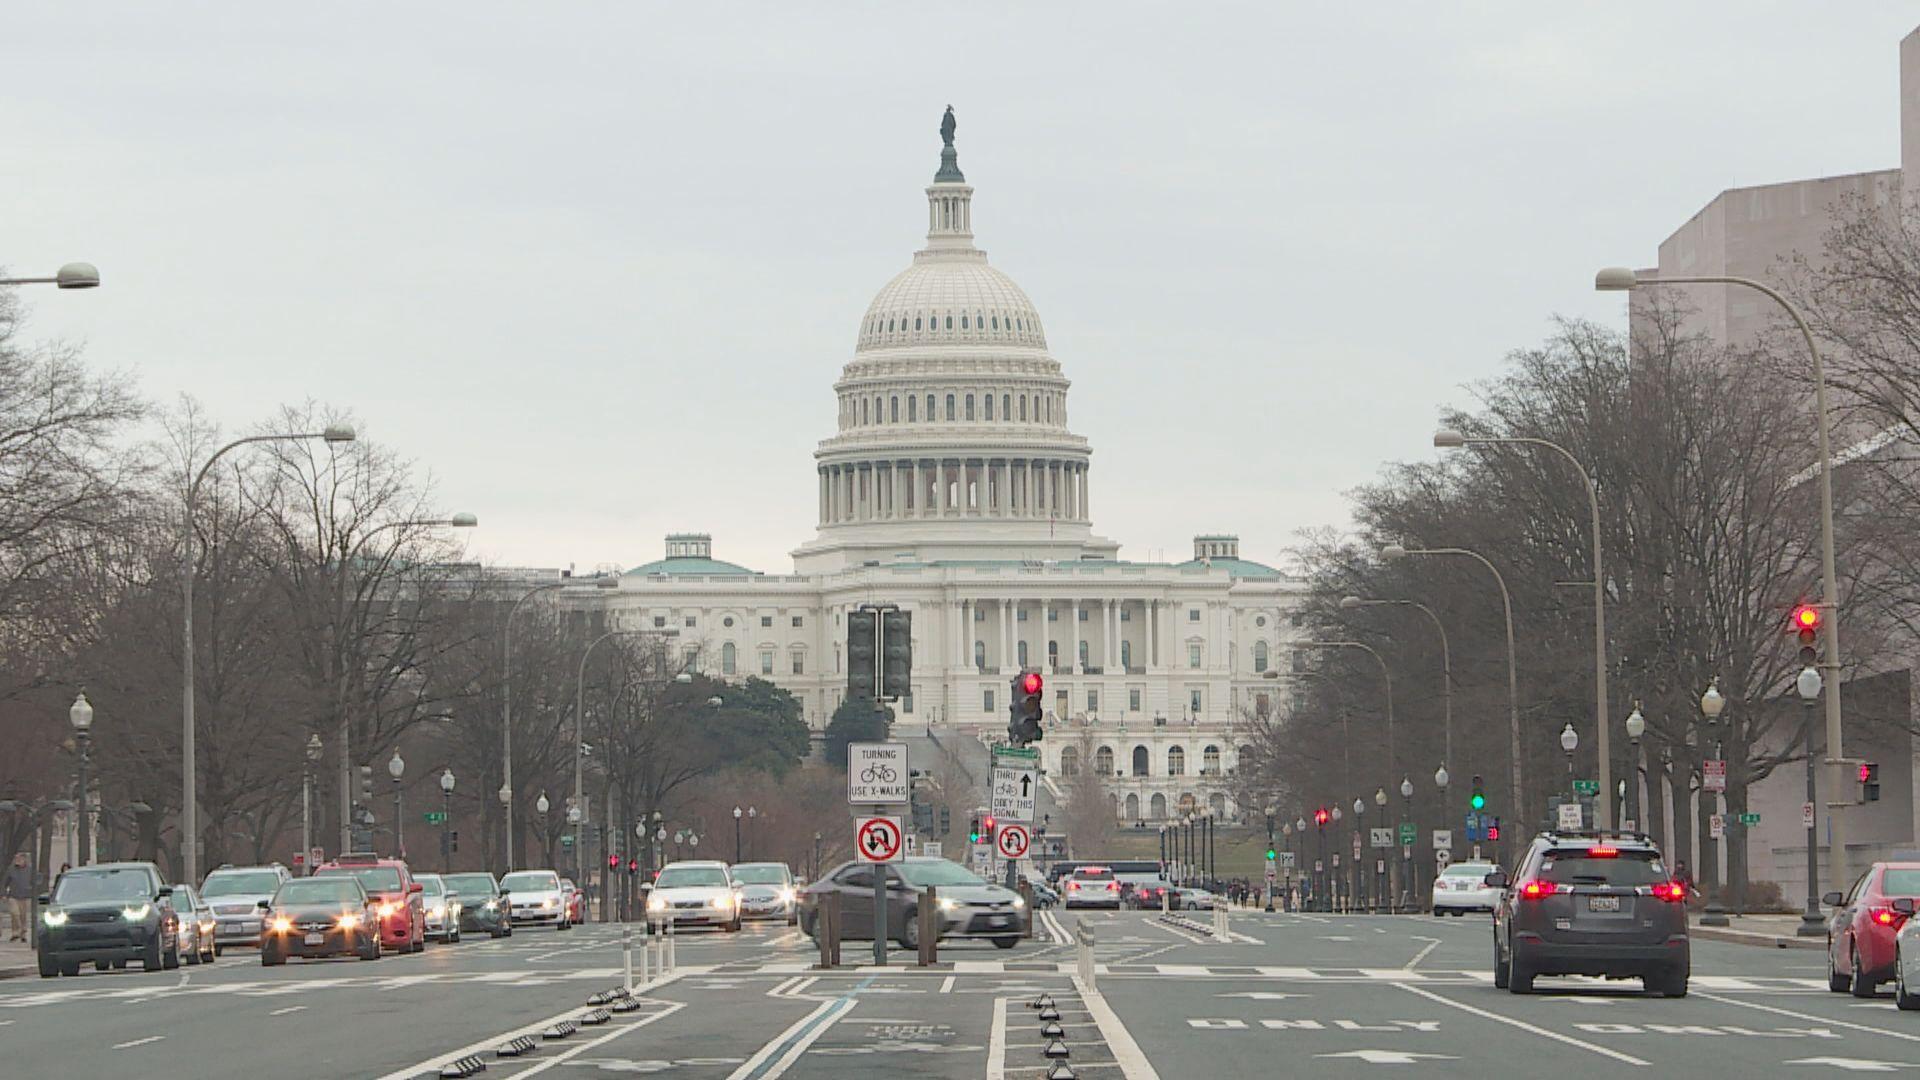 美國眾議院將就彈劾調查程序全院表決